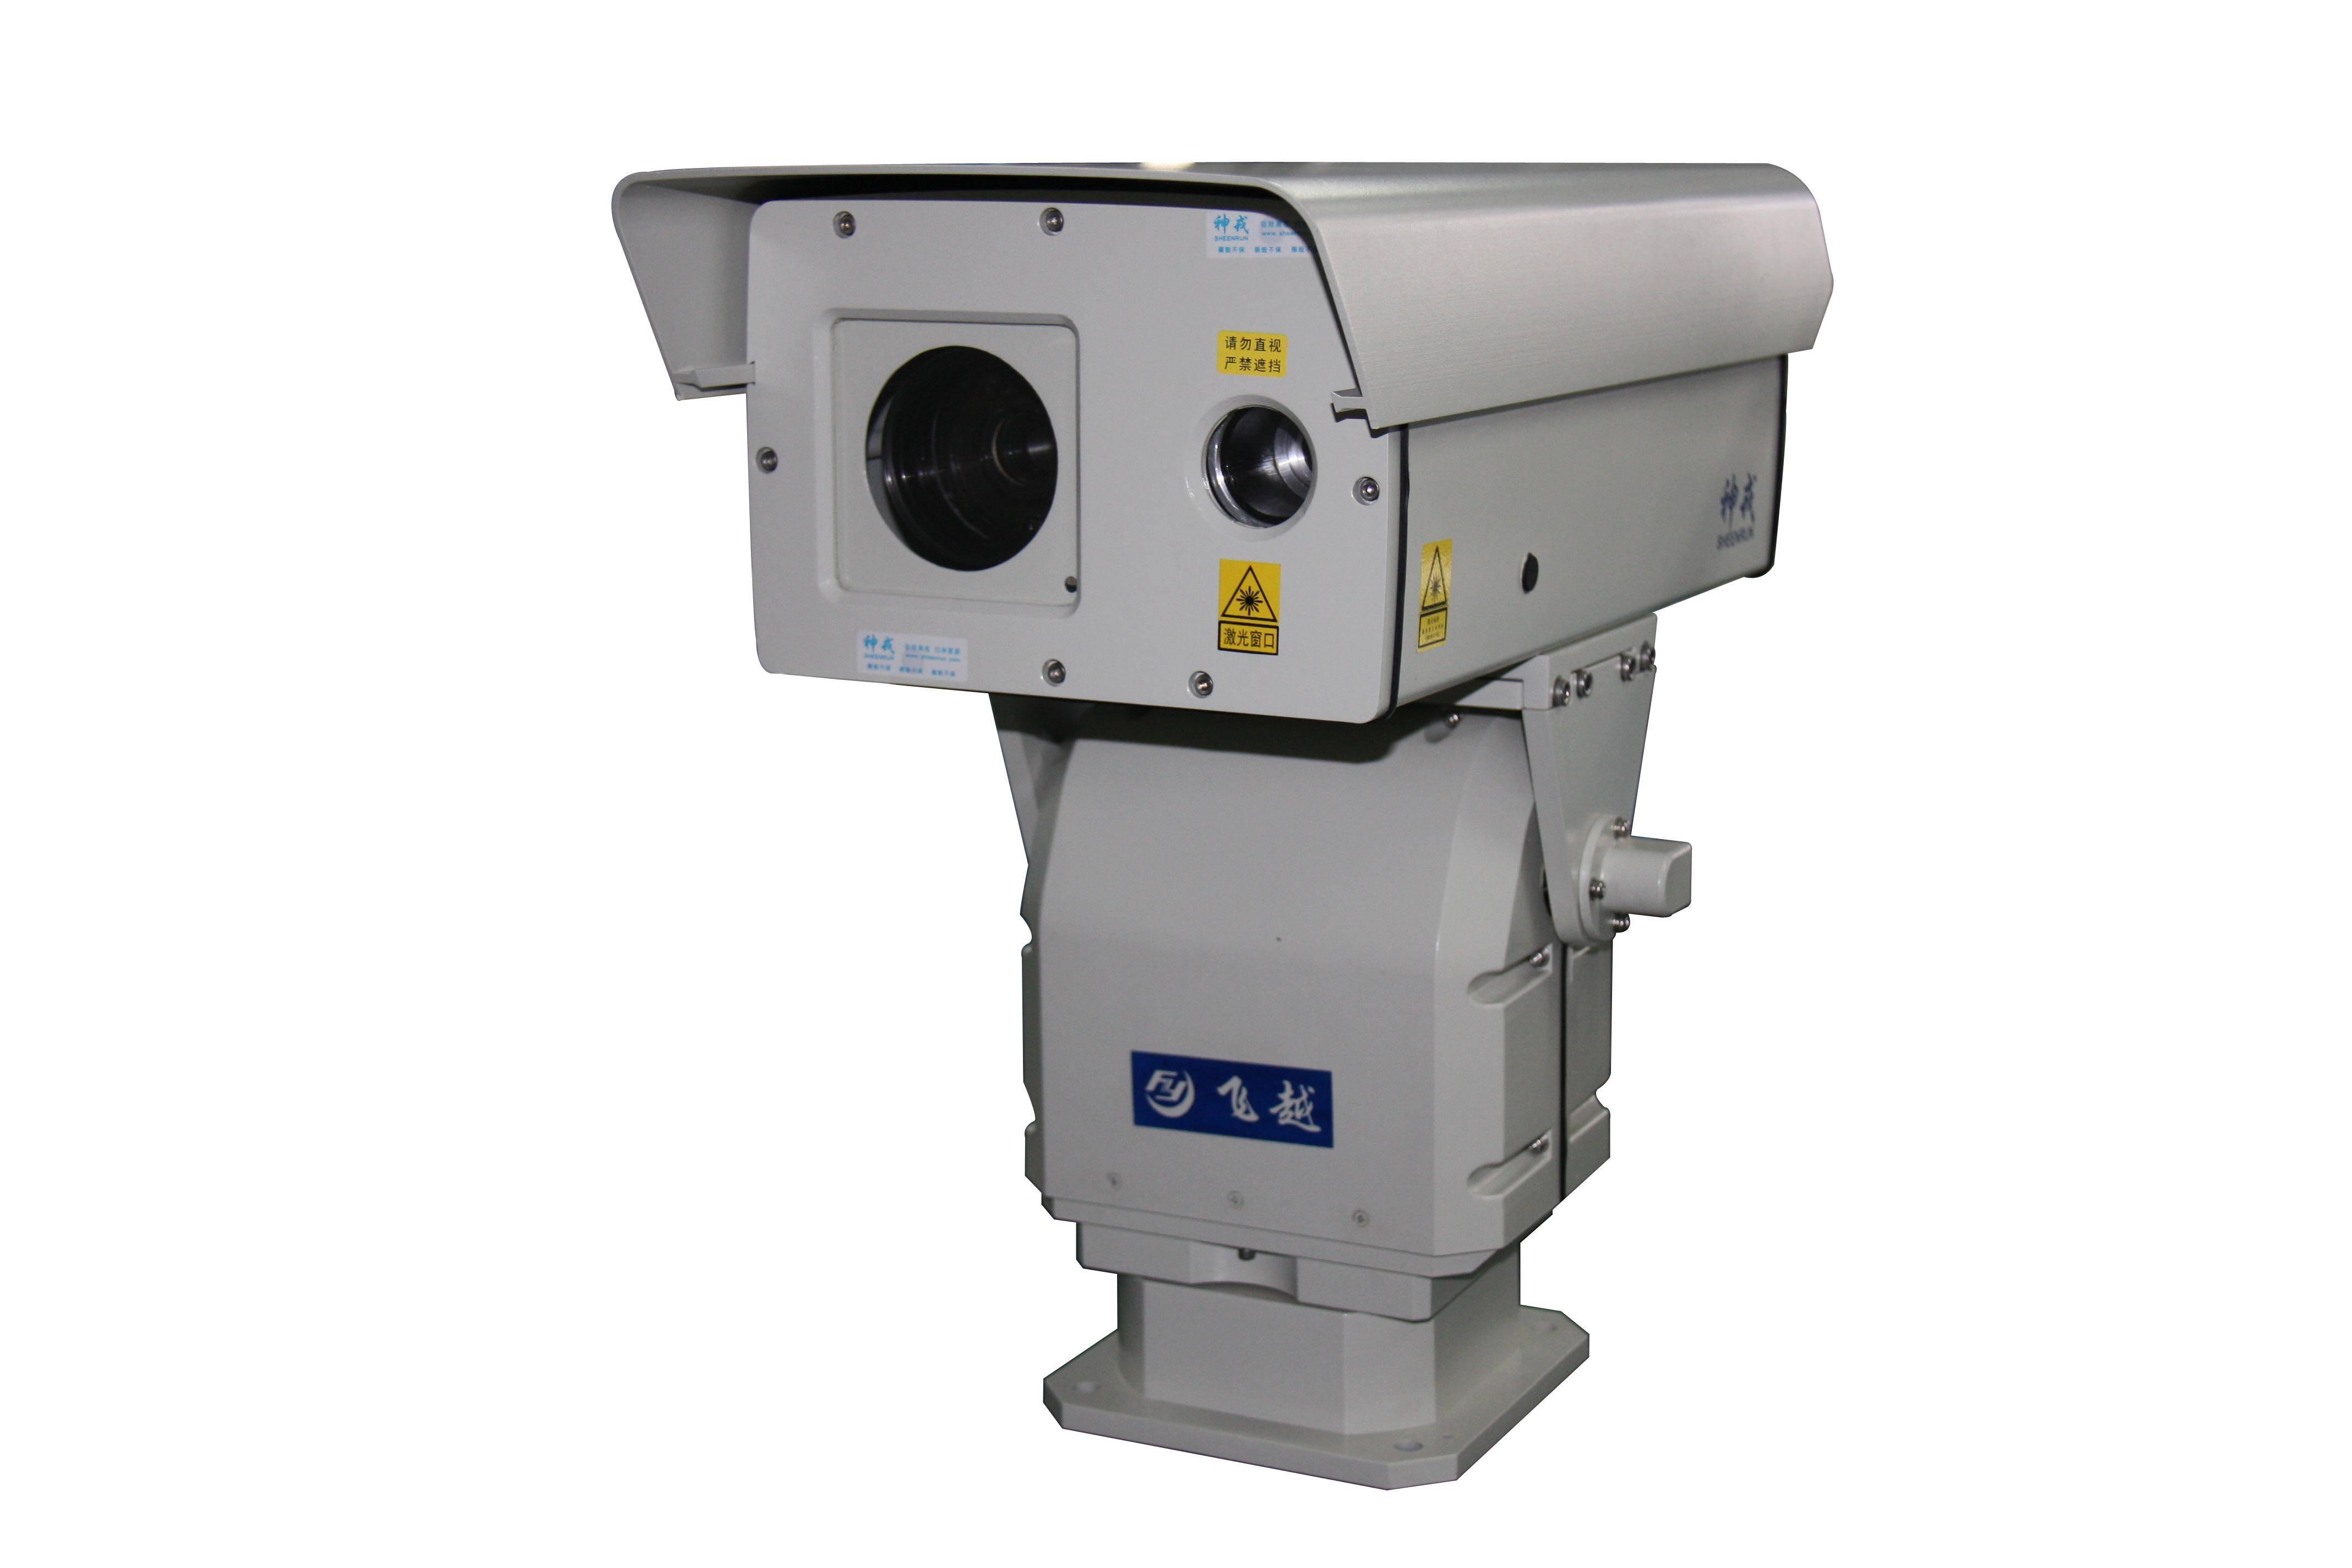 LV1020 Long Range Laser Night Vision Camera